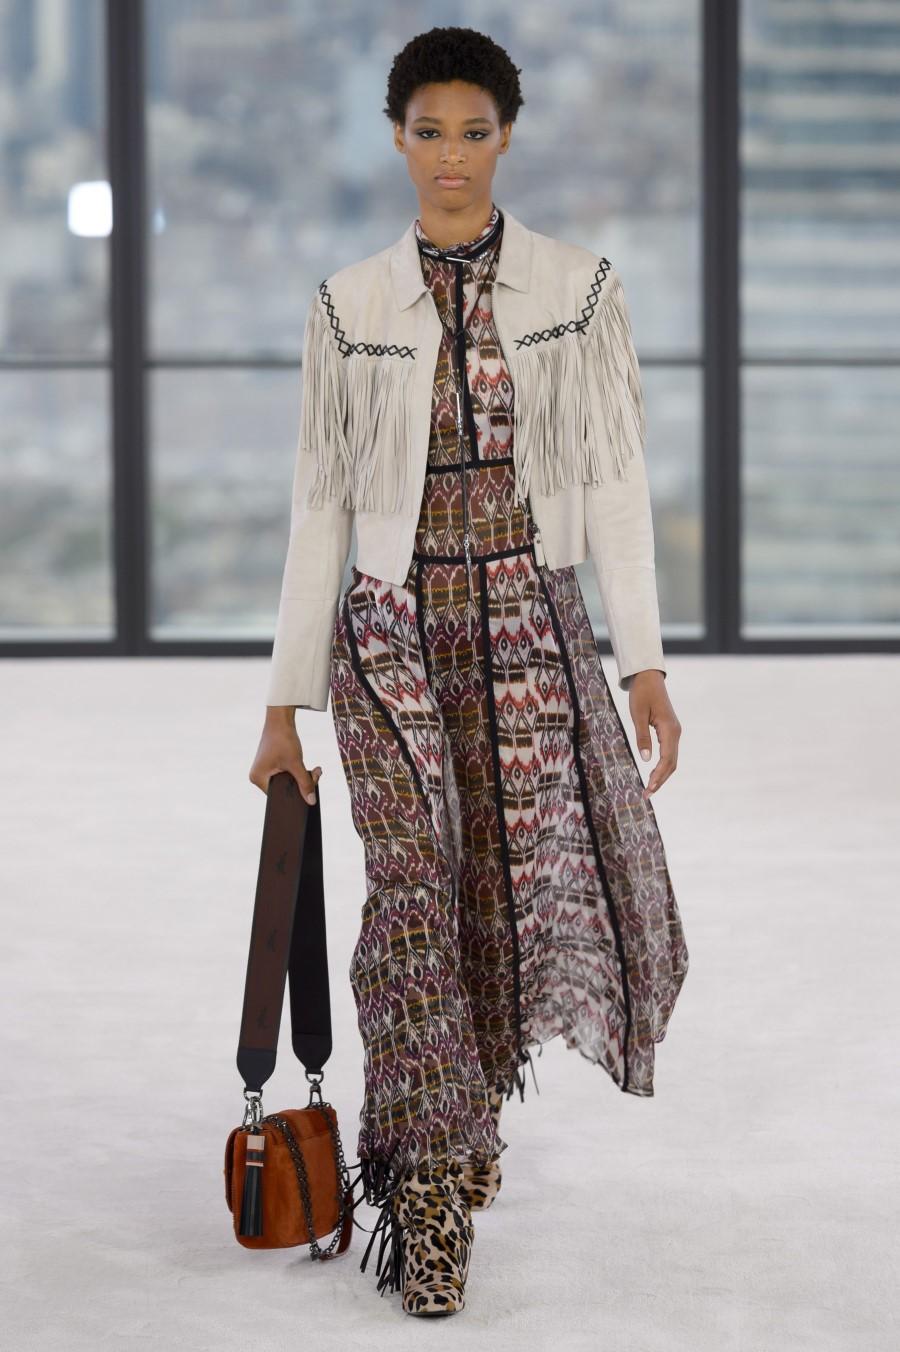 Longchamp Spring/Summer 2019 – New York Fashion Week